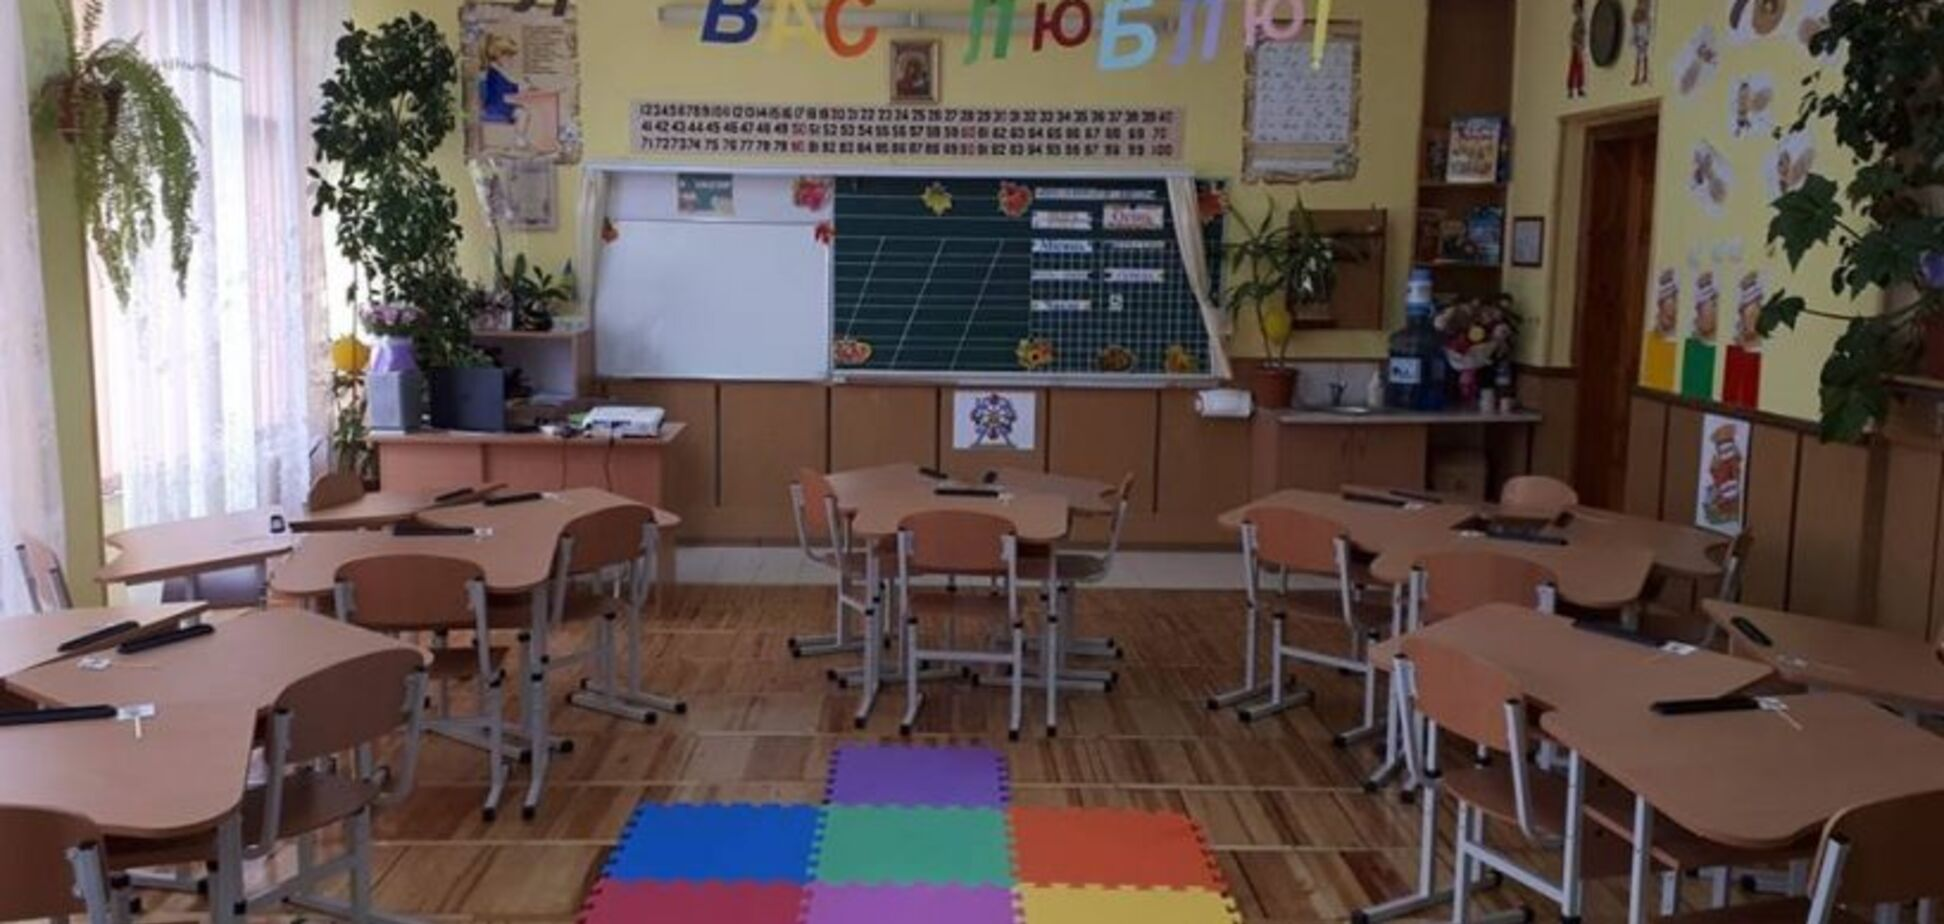 'Ще б килима на стіну!' У школі Львова зганьбилися меблевим мотлохом. Фото